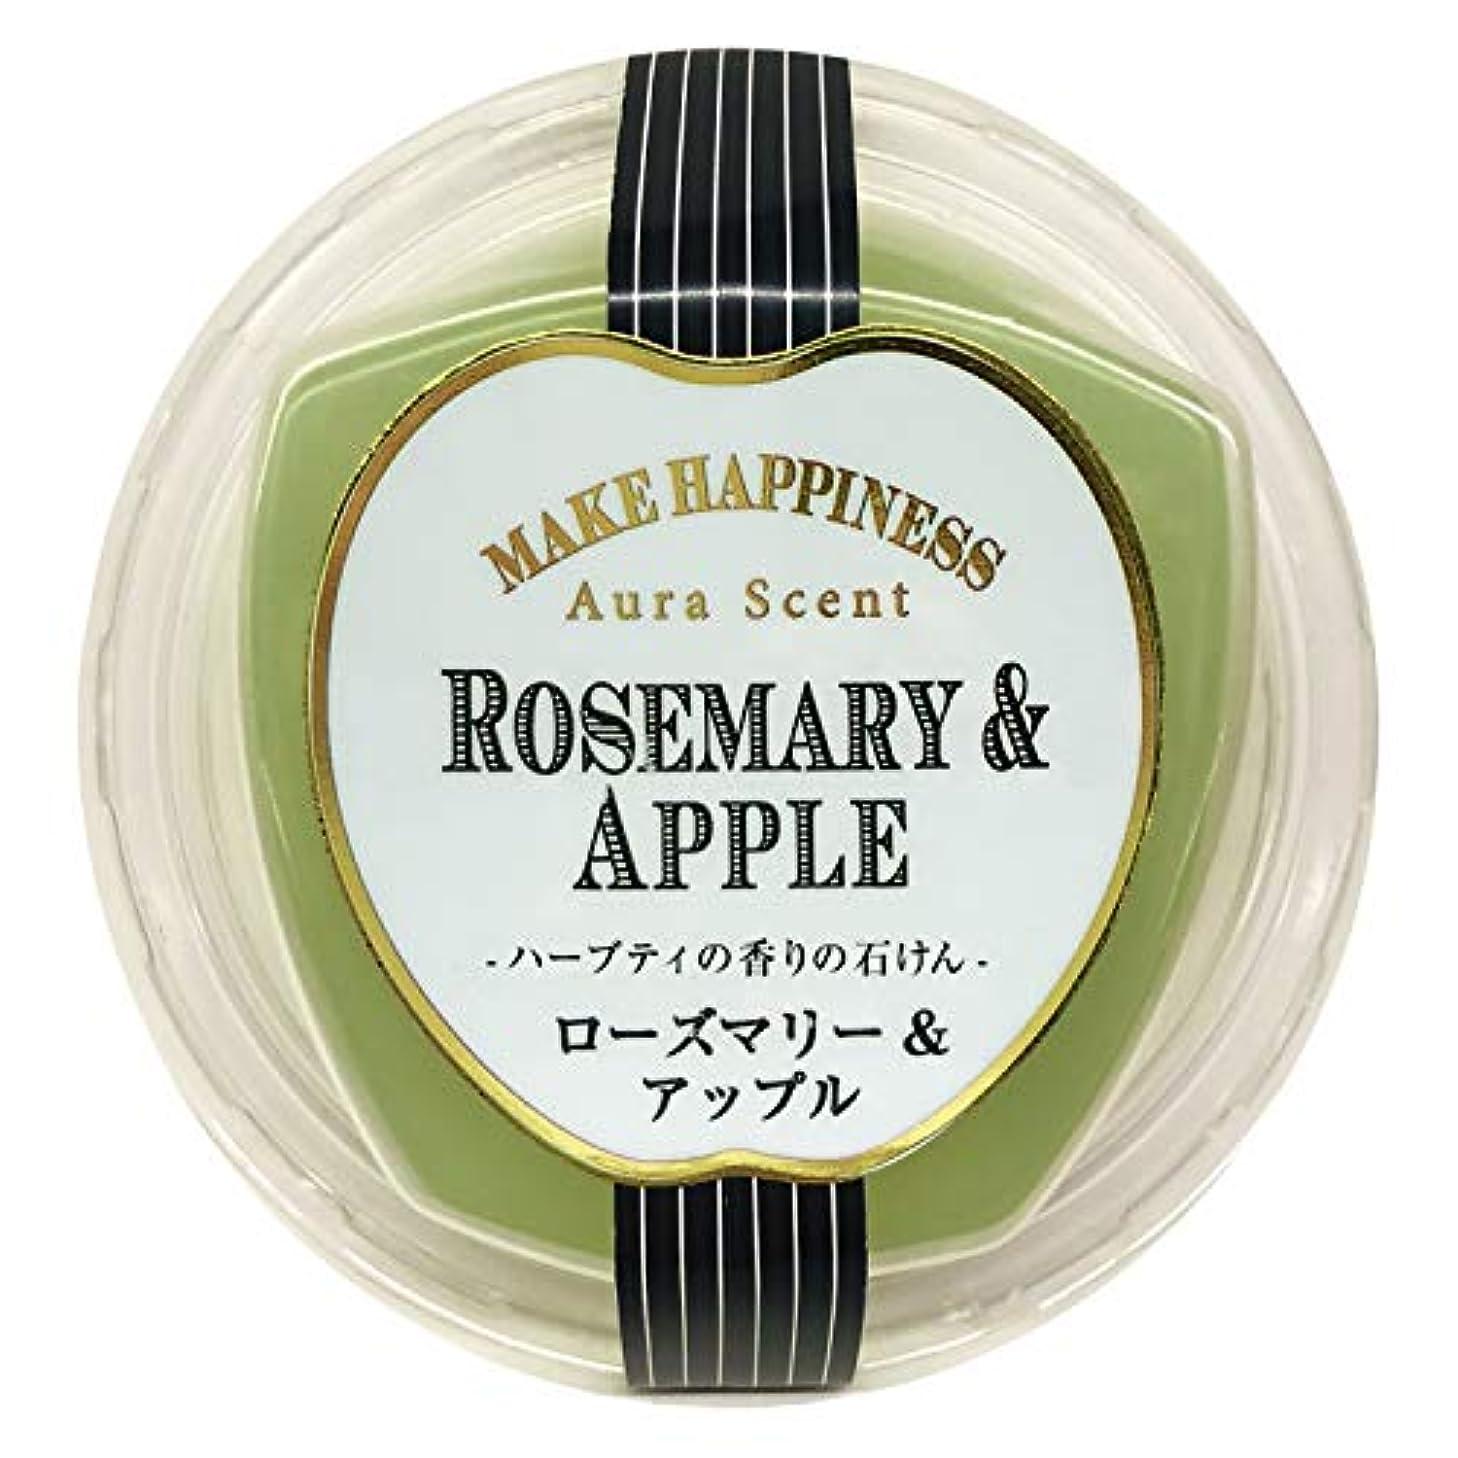 バッテリーオーラルクレタペリカン石鹸 オーラセント クリアソープ ローズマリー&アップル 75g